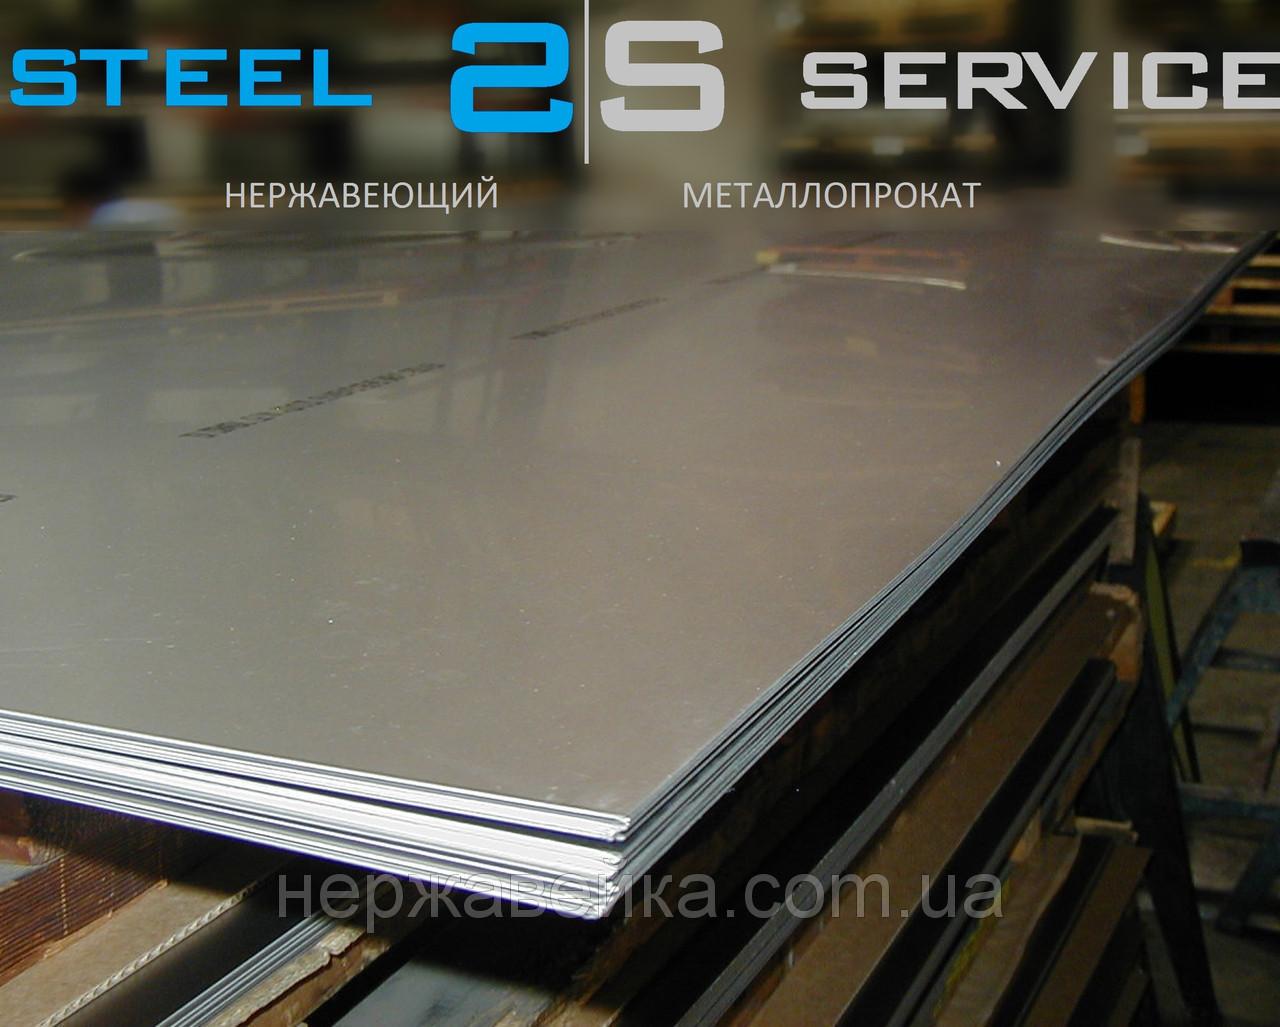 Нержавеющий лист 8х1250х2500мм  AISI 321(08Х18Н10Т) F1 - горячекатанный,  пищевой